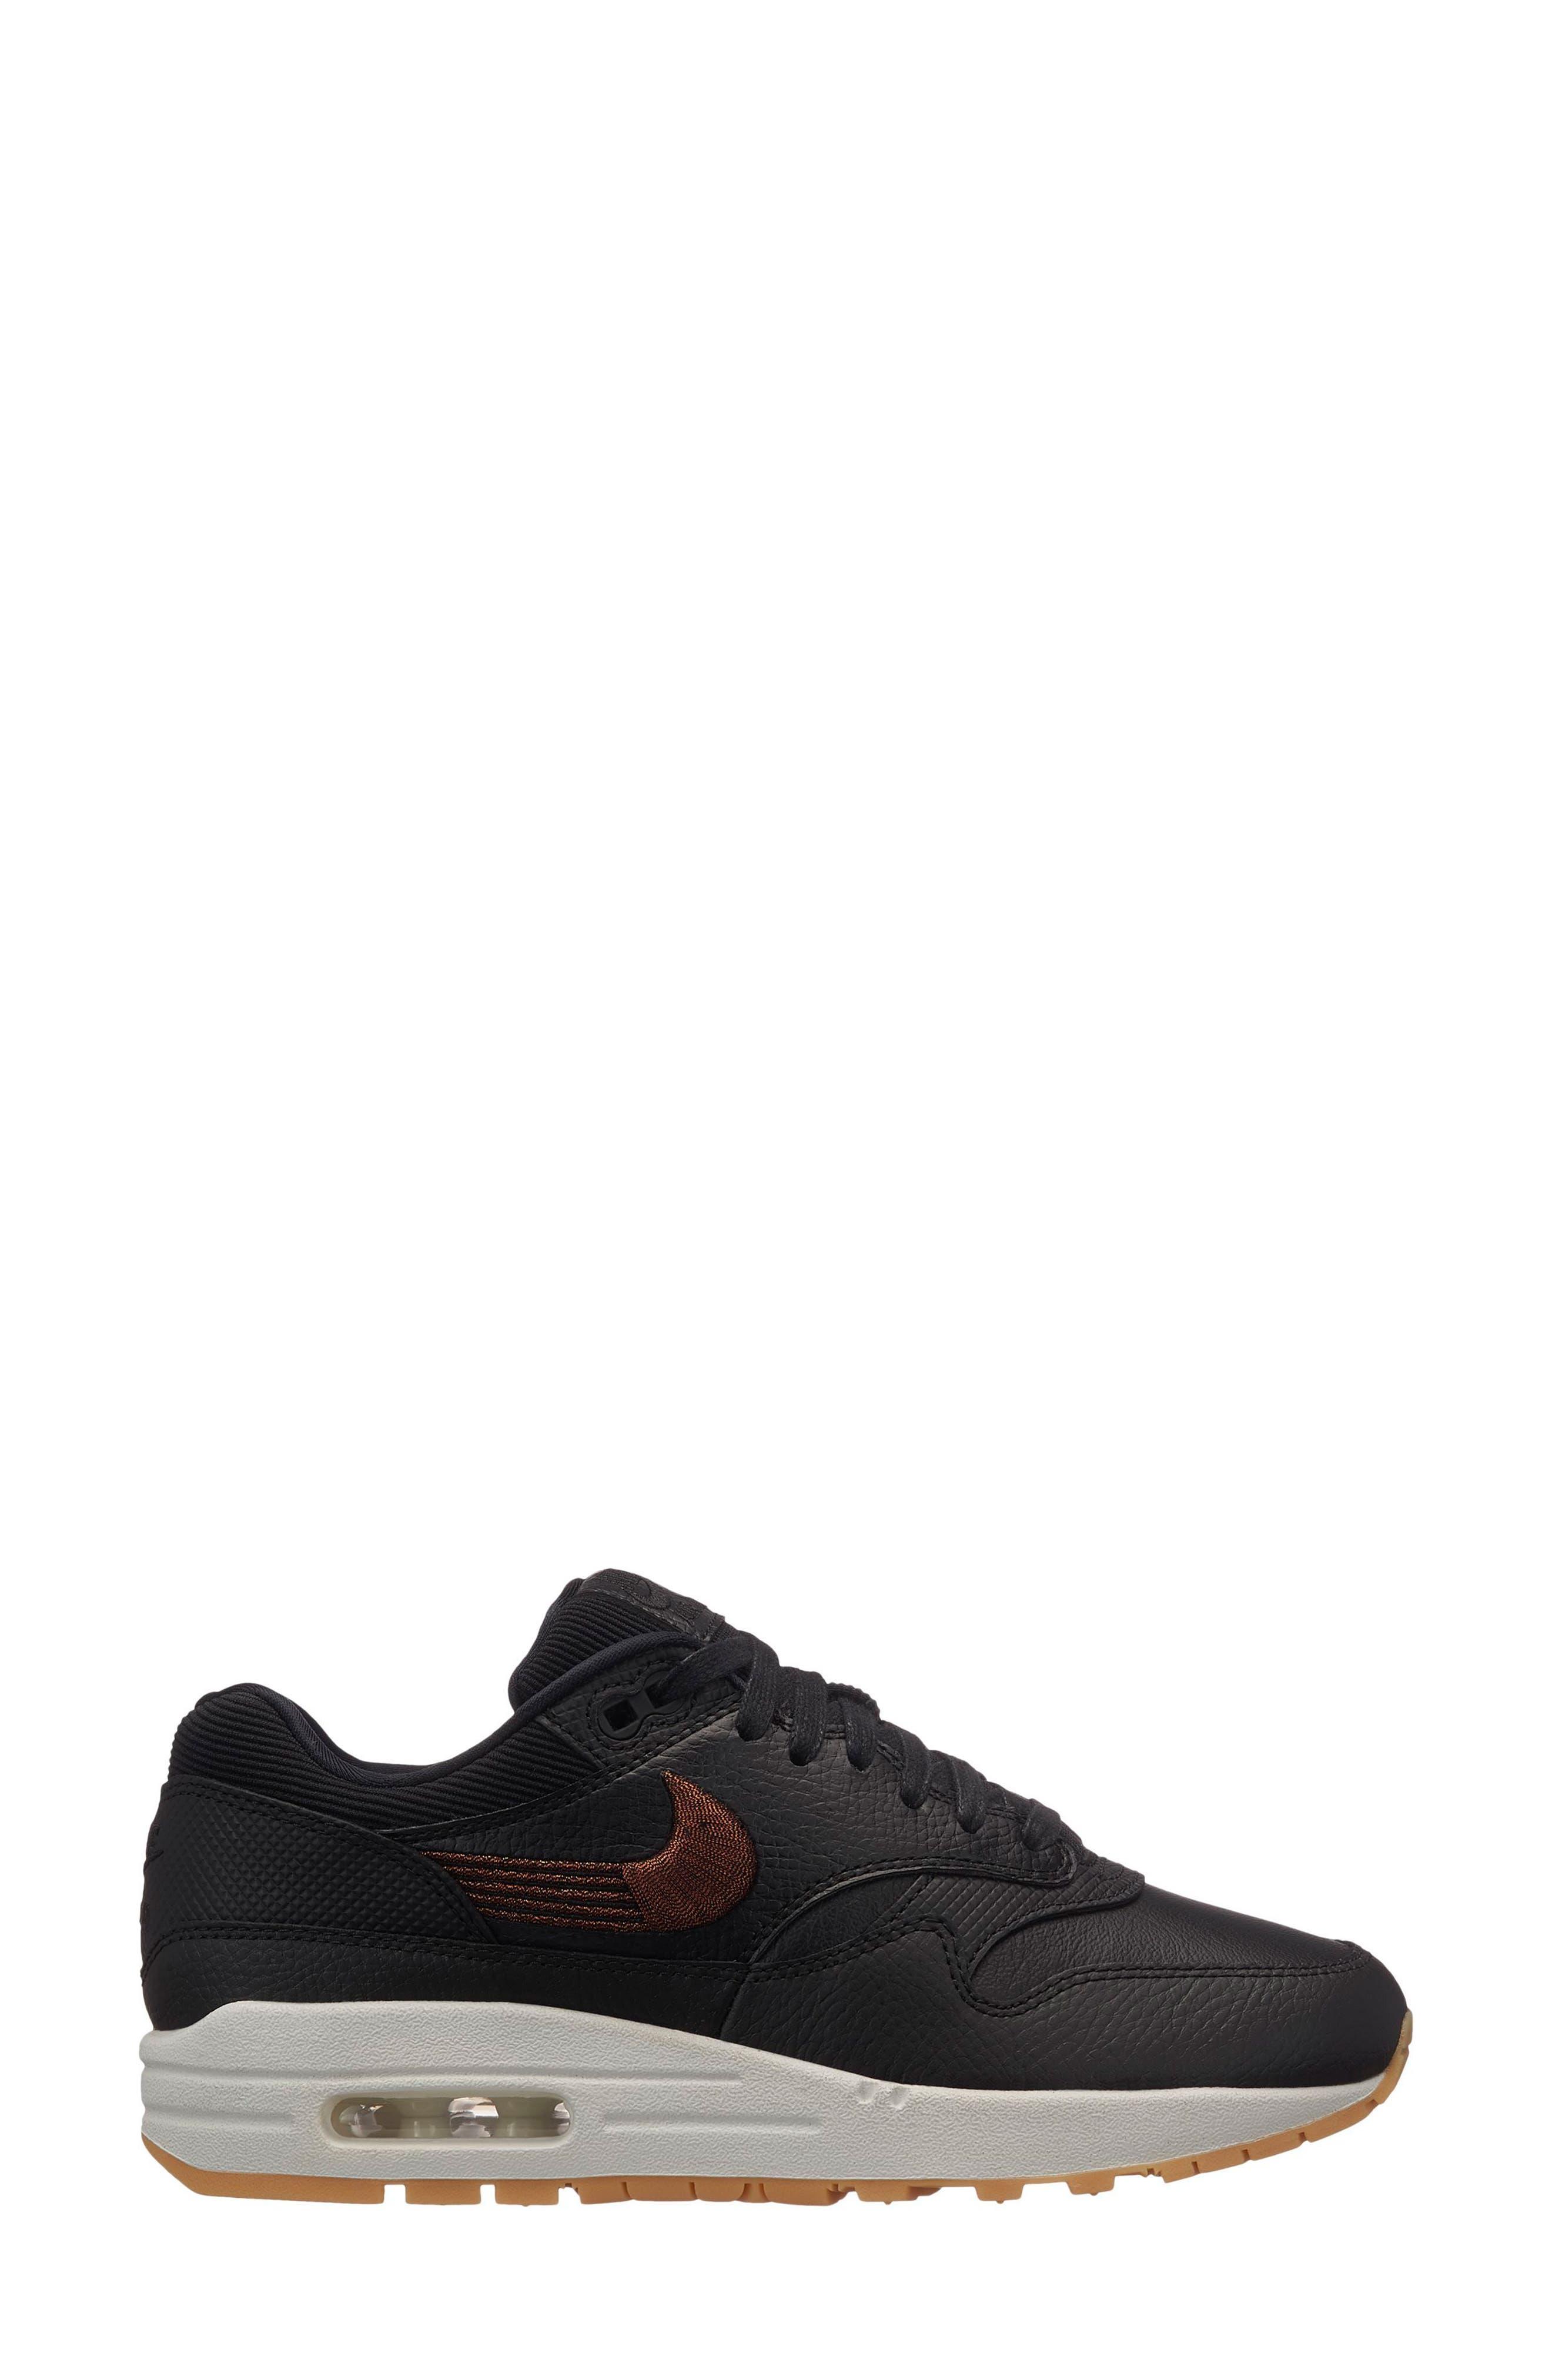 Air Max 1 Premium Sneaker,                             Alternate thumbnail 6, color,                             GREY